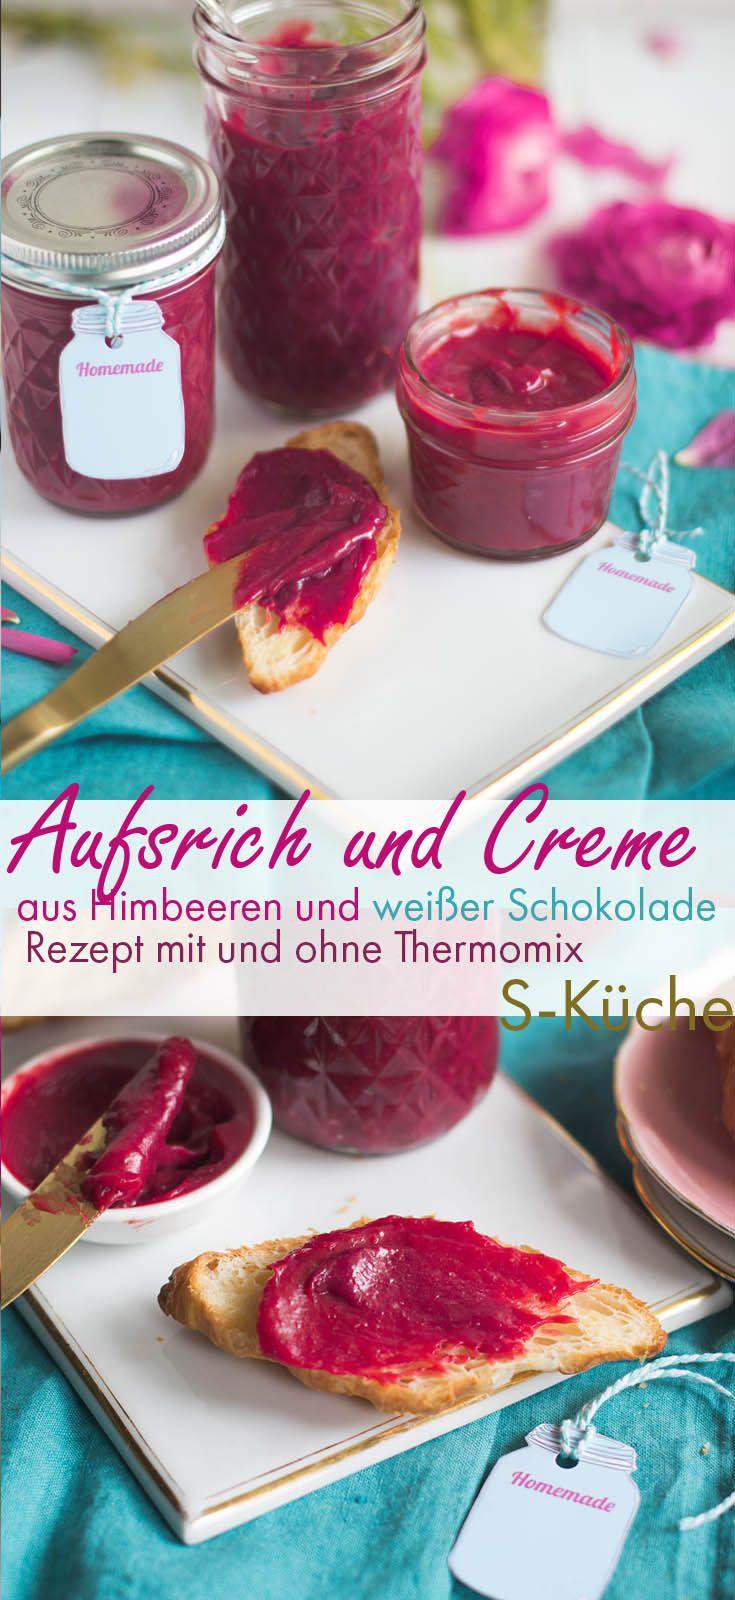 Aufstrich aus Himbeeren und weißer Schokolade Thermomix #sweetrecipes